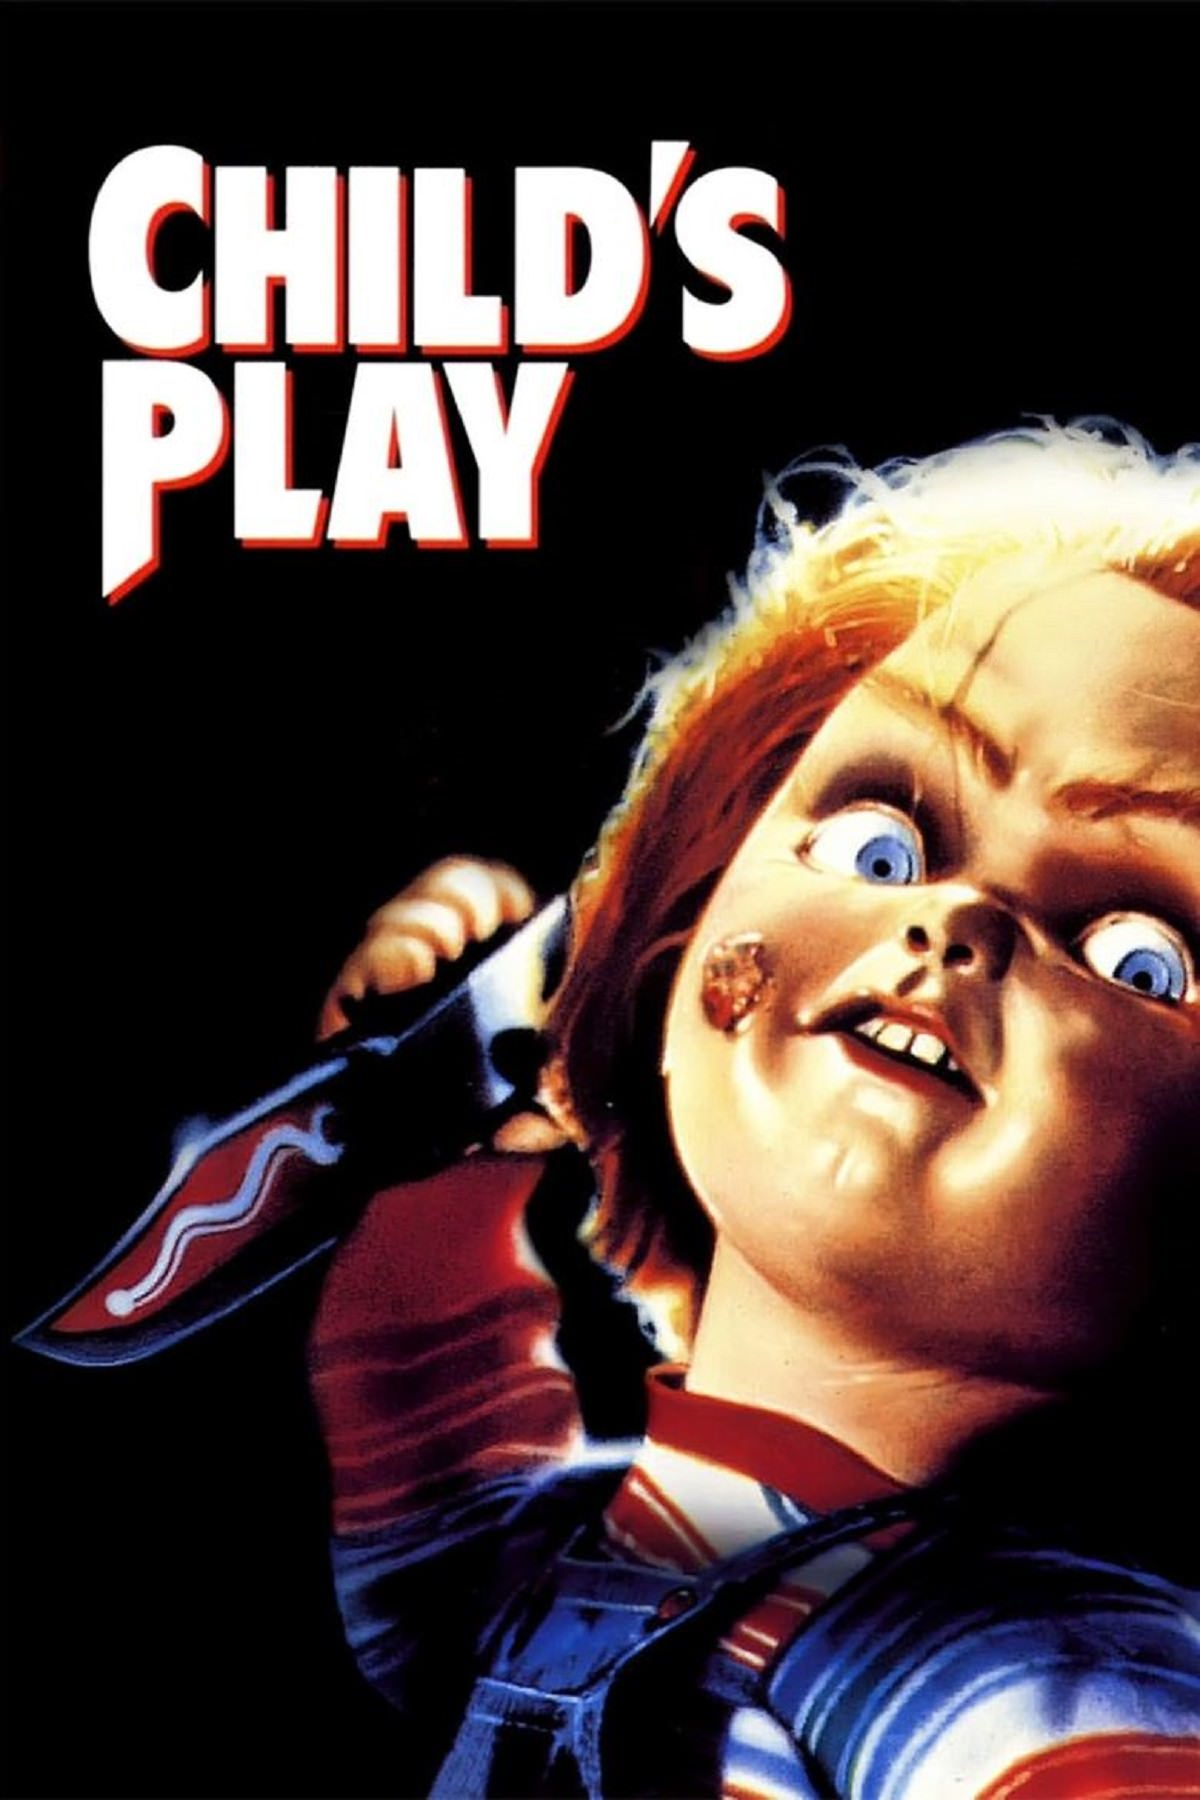 پوستر فیلم بچه بازی